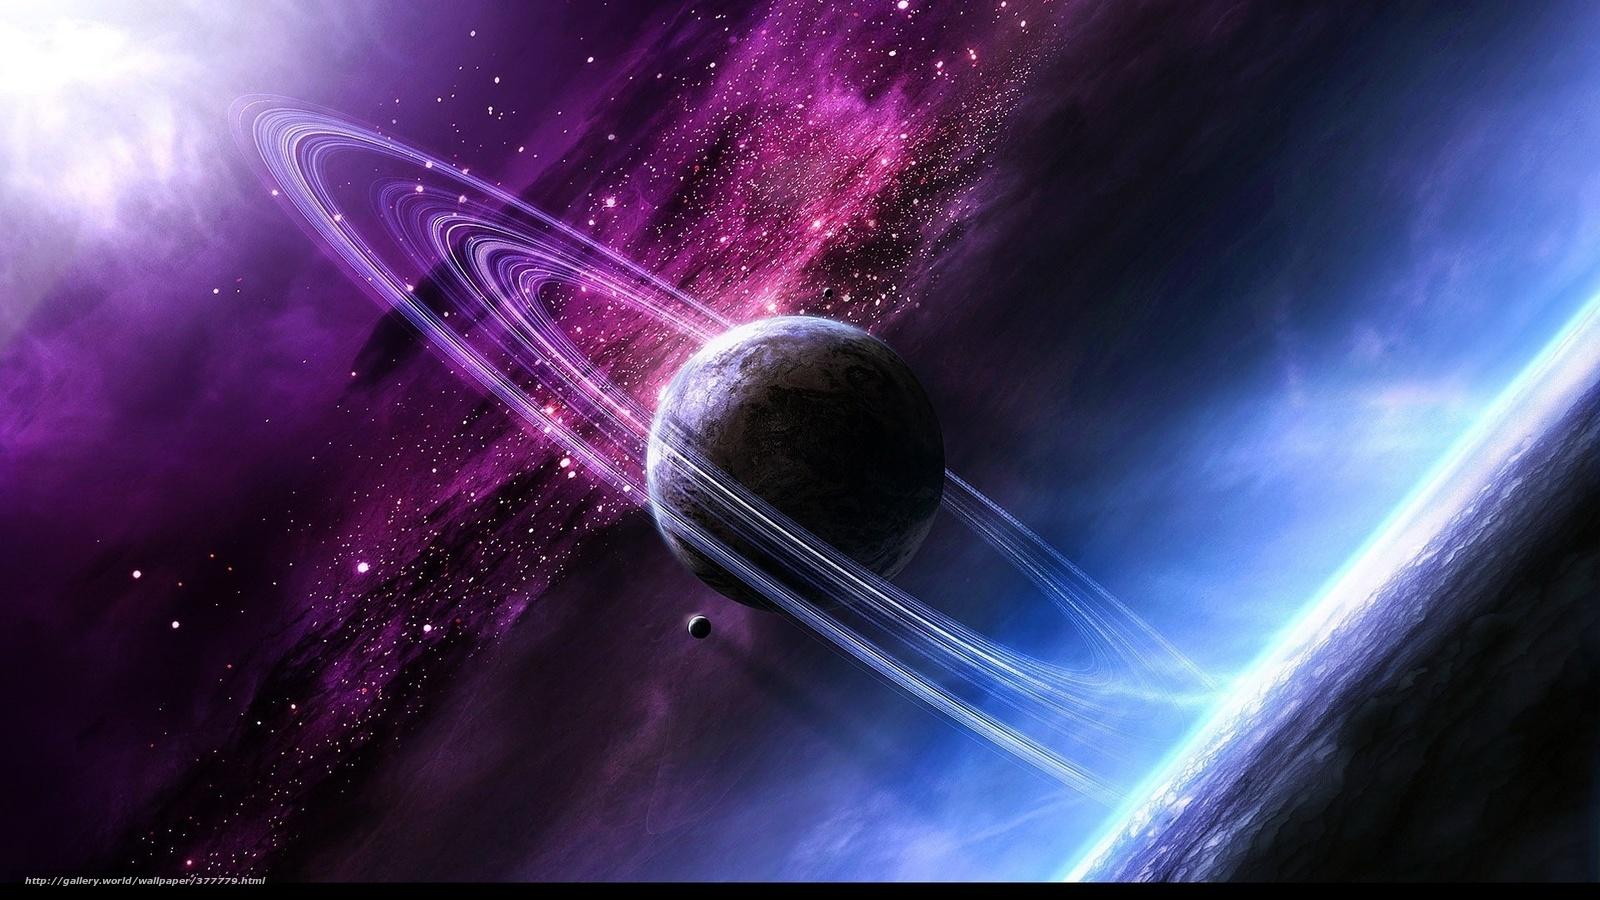 Scaricare gli sfondi spazio pianeta universo stella for Sfondi spazio full hd